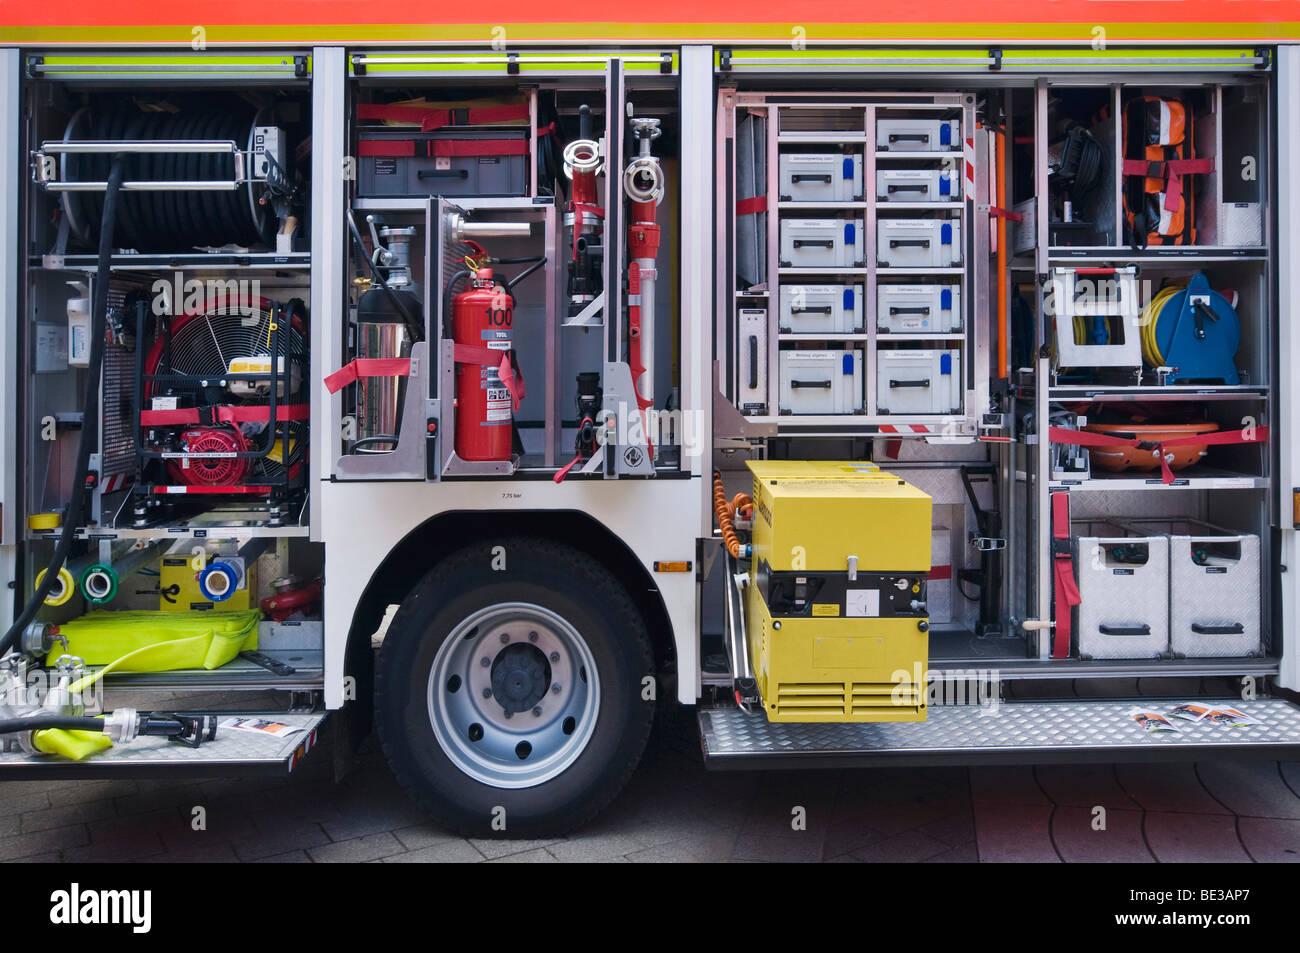 Materiellen Rettungsfahrzeug mit Feuerlöscher und Werkzeugmagazin Stockbild